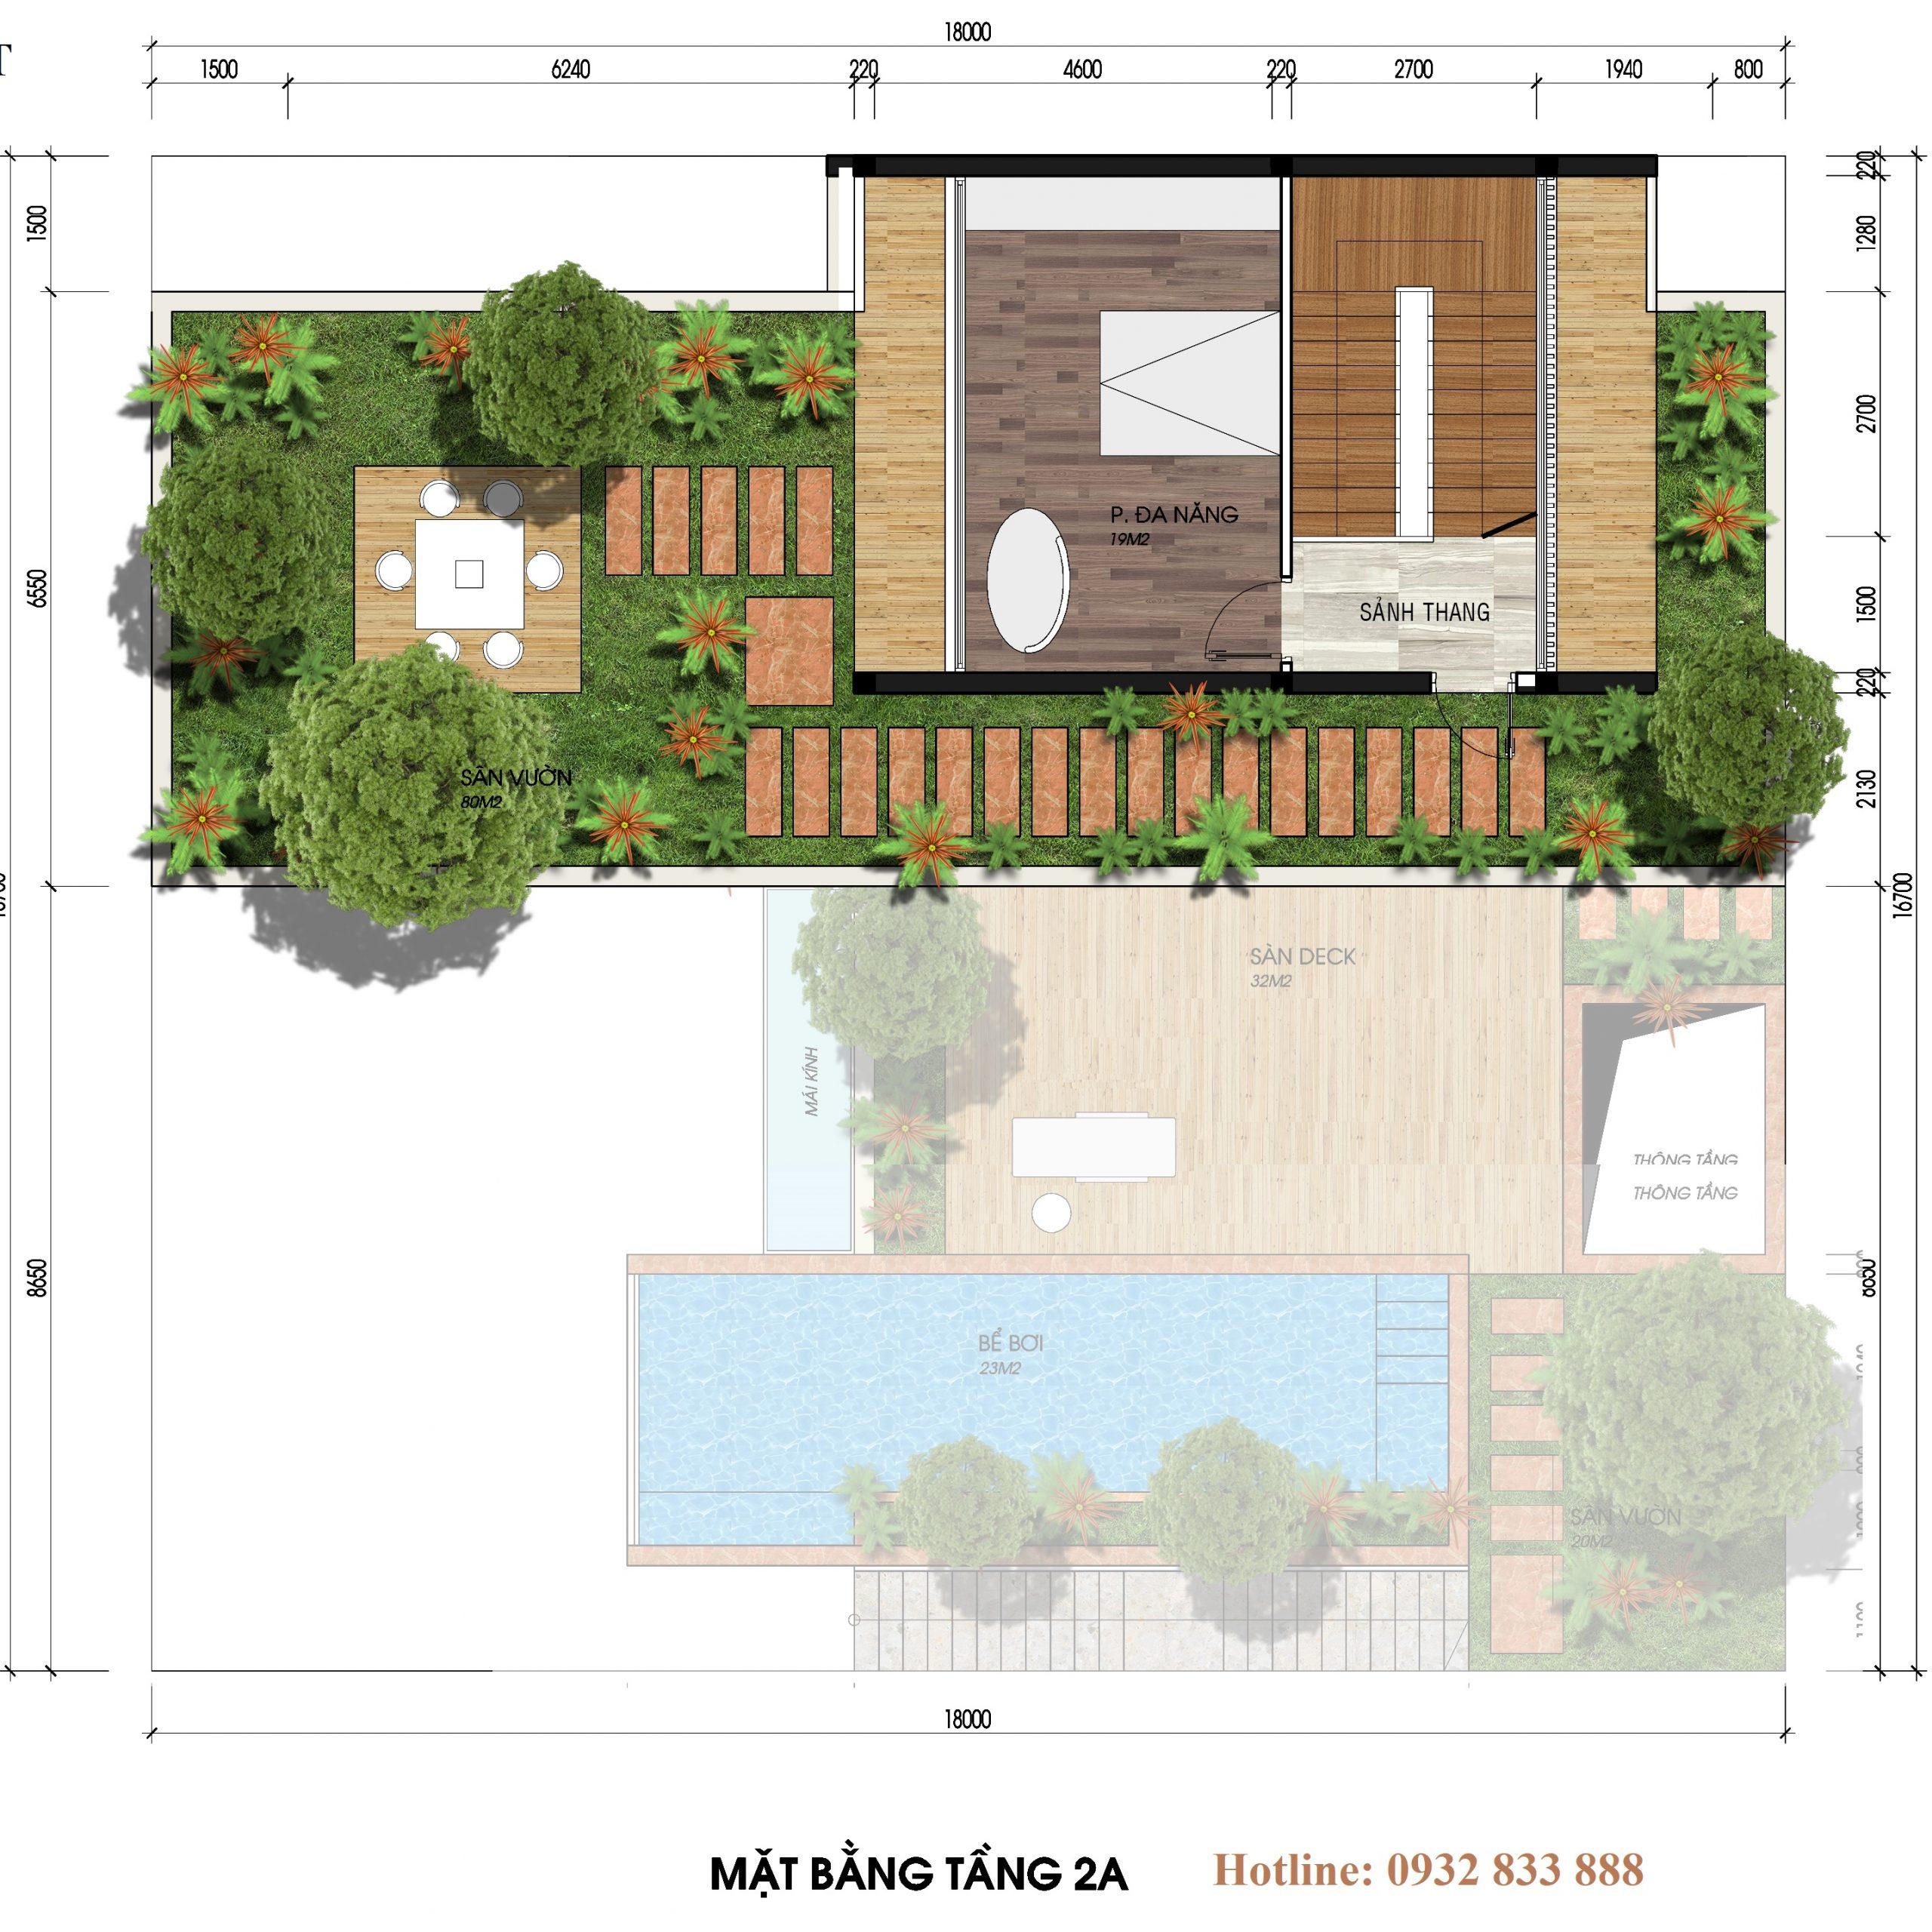 Thiết kế tầng 3 biệt thự đơn lập the legend villas flamingo đại lải